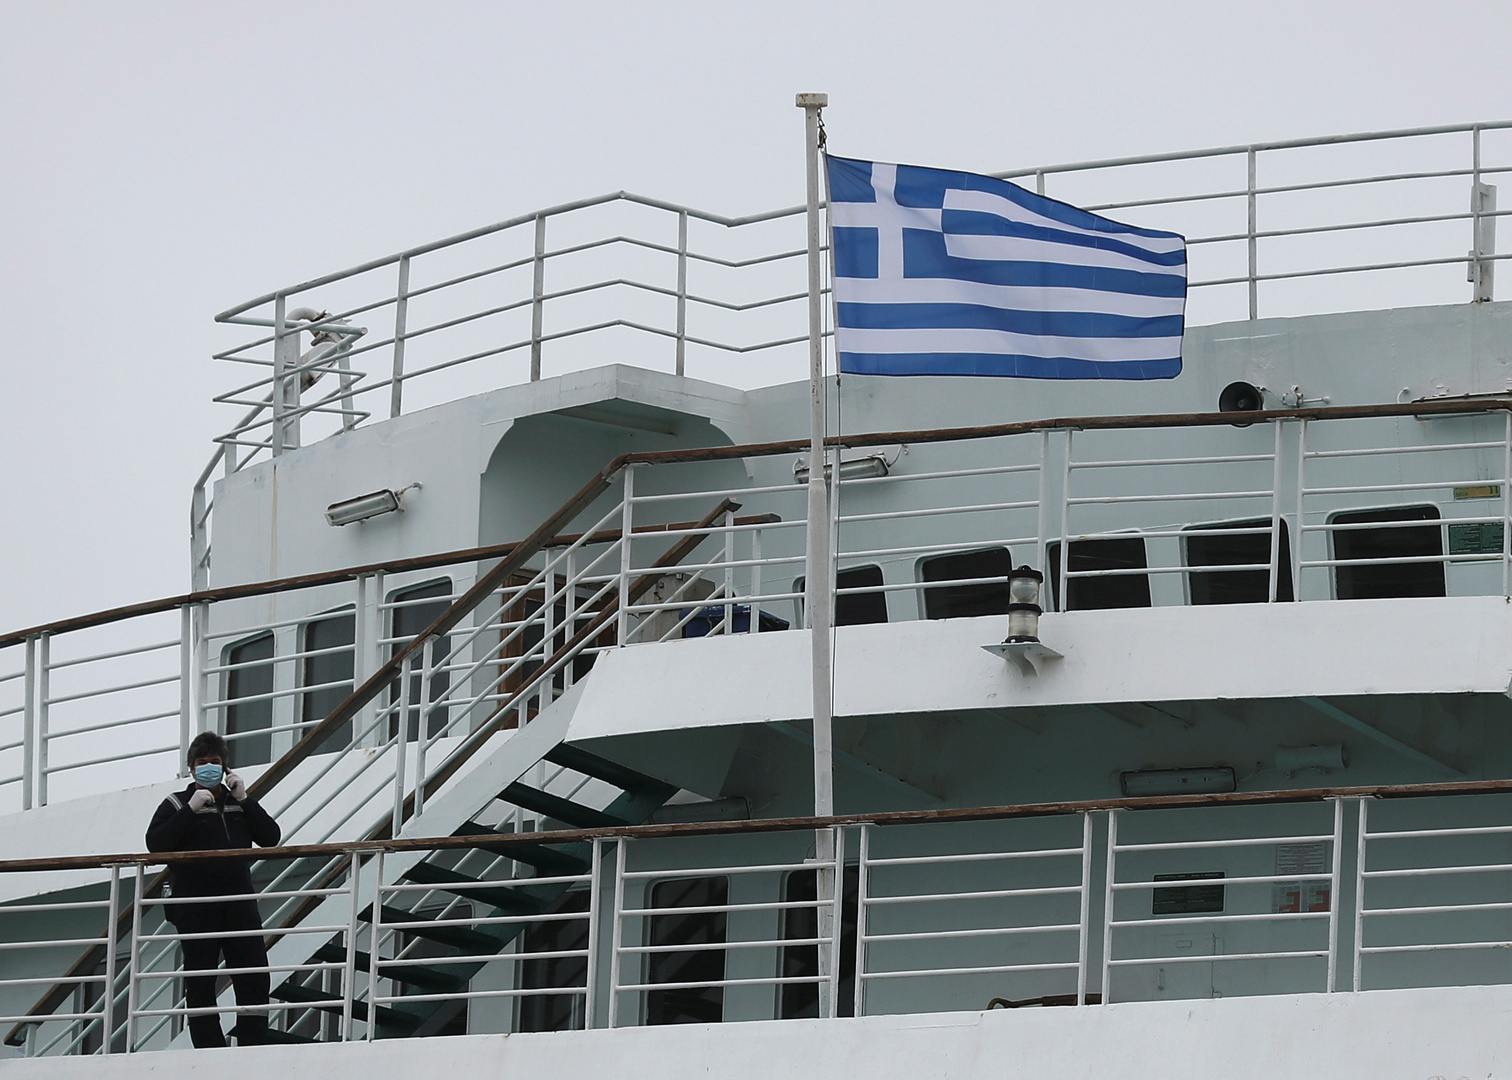 اليونان تتهم تركيا بالقيام بنشاط غير قانوني في المتوسط